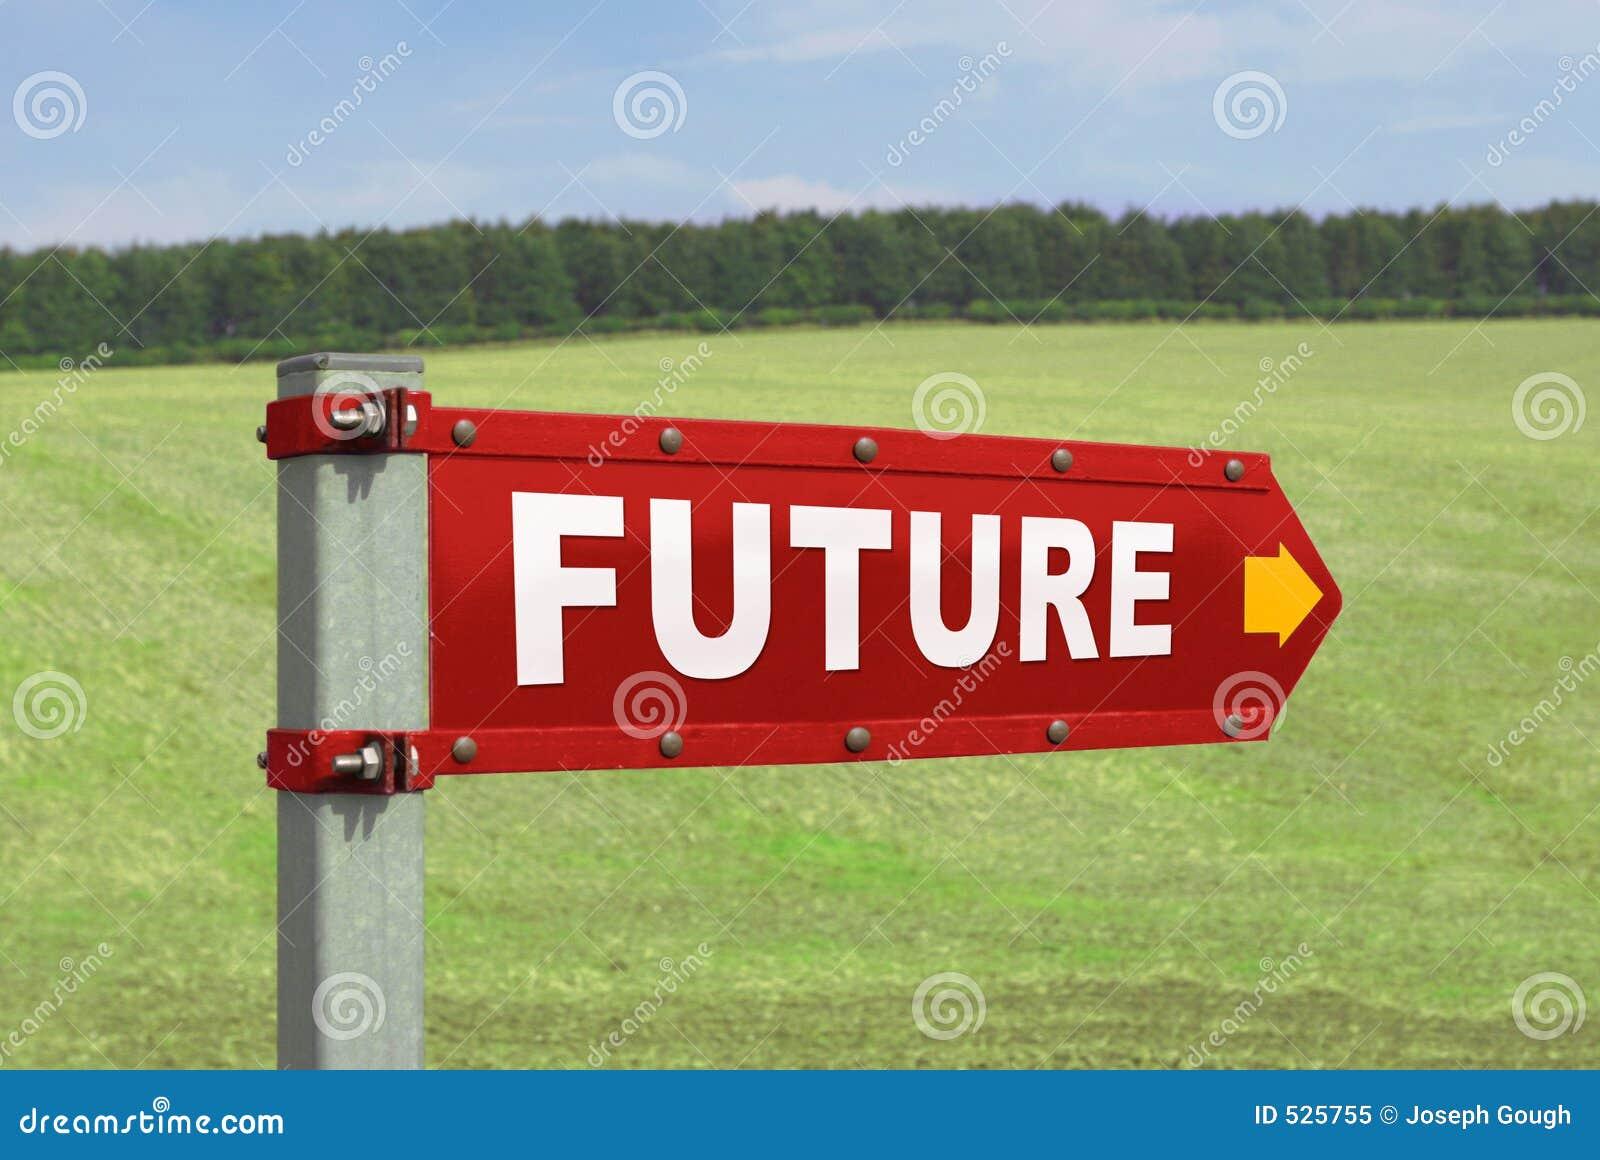 Przyszłość wskazuje znak drogowy